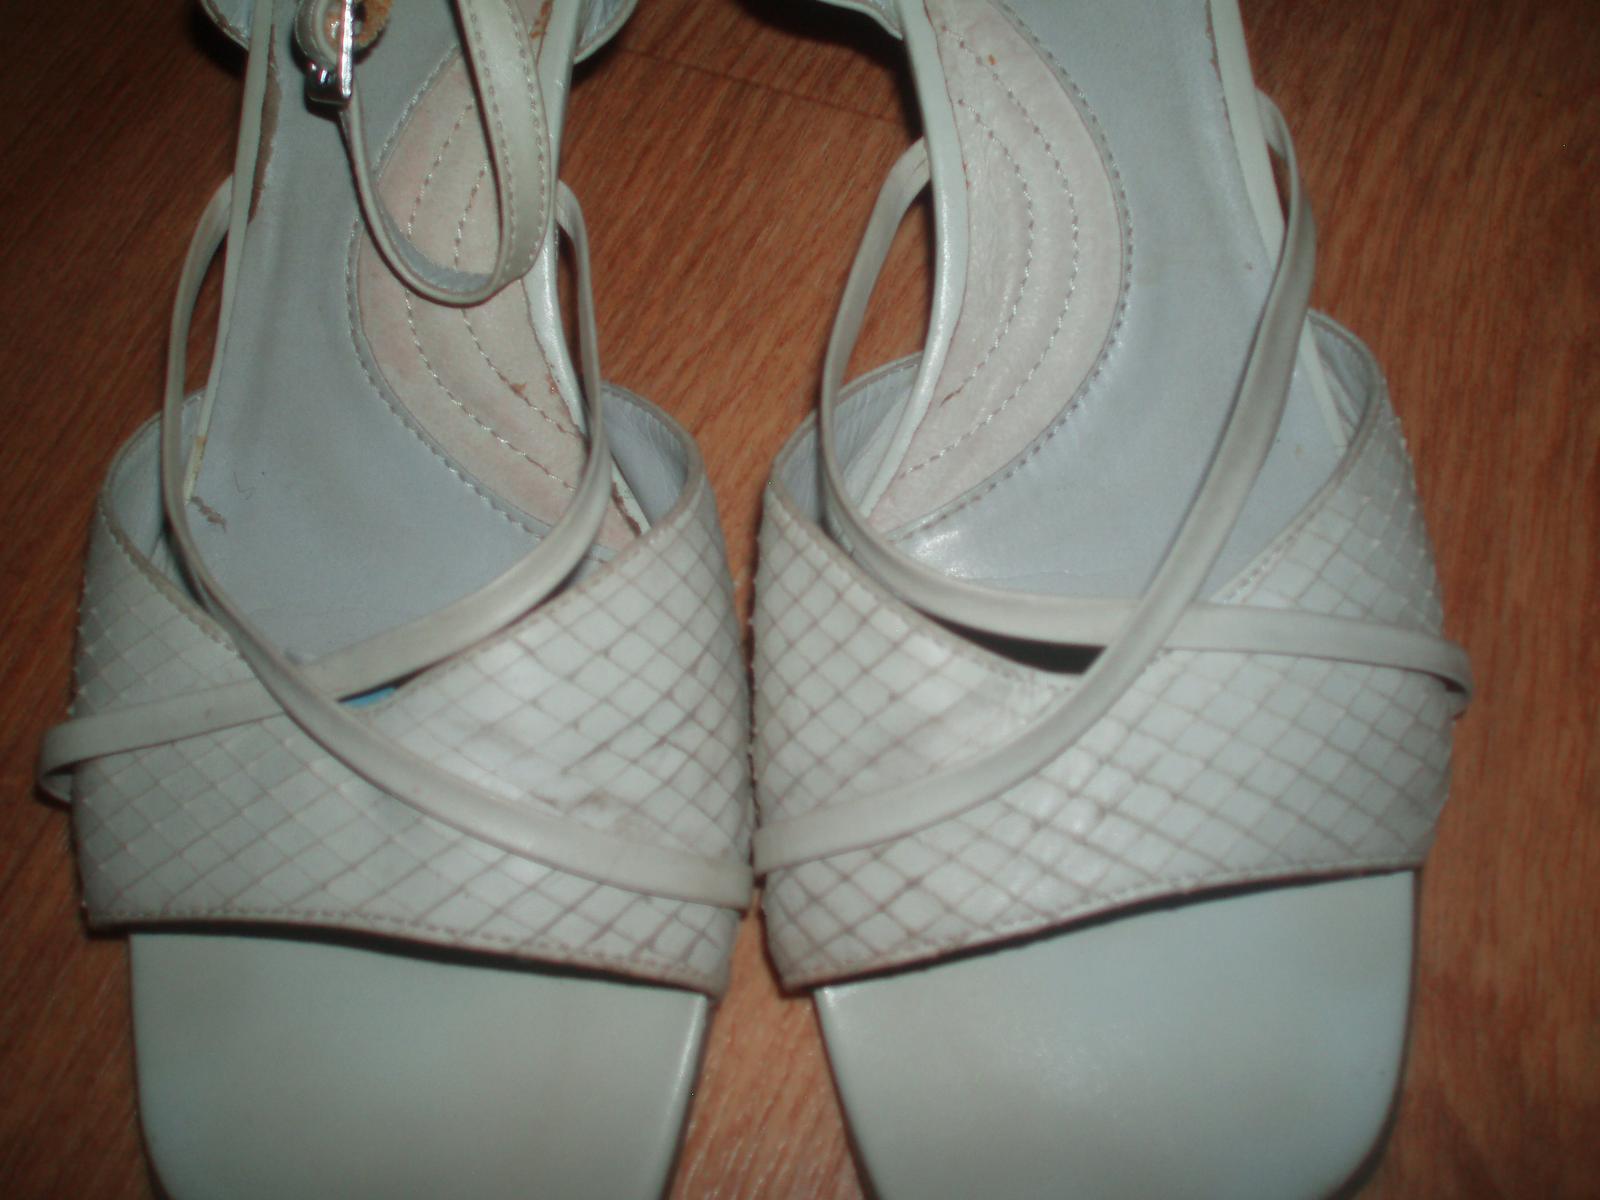 Střevíčky, sandály, obuv pro nevěstu vel. 39 Baťa - Obrázek č. 3